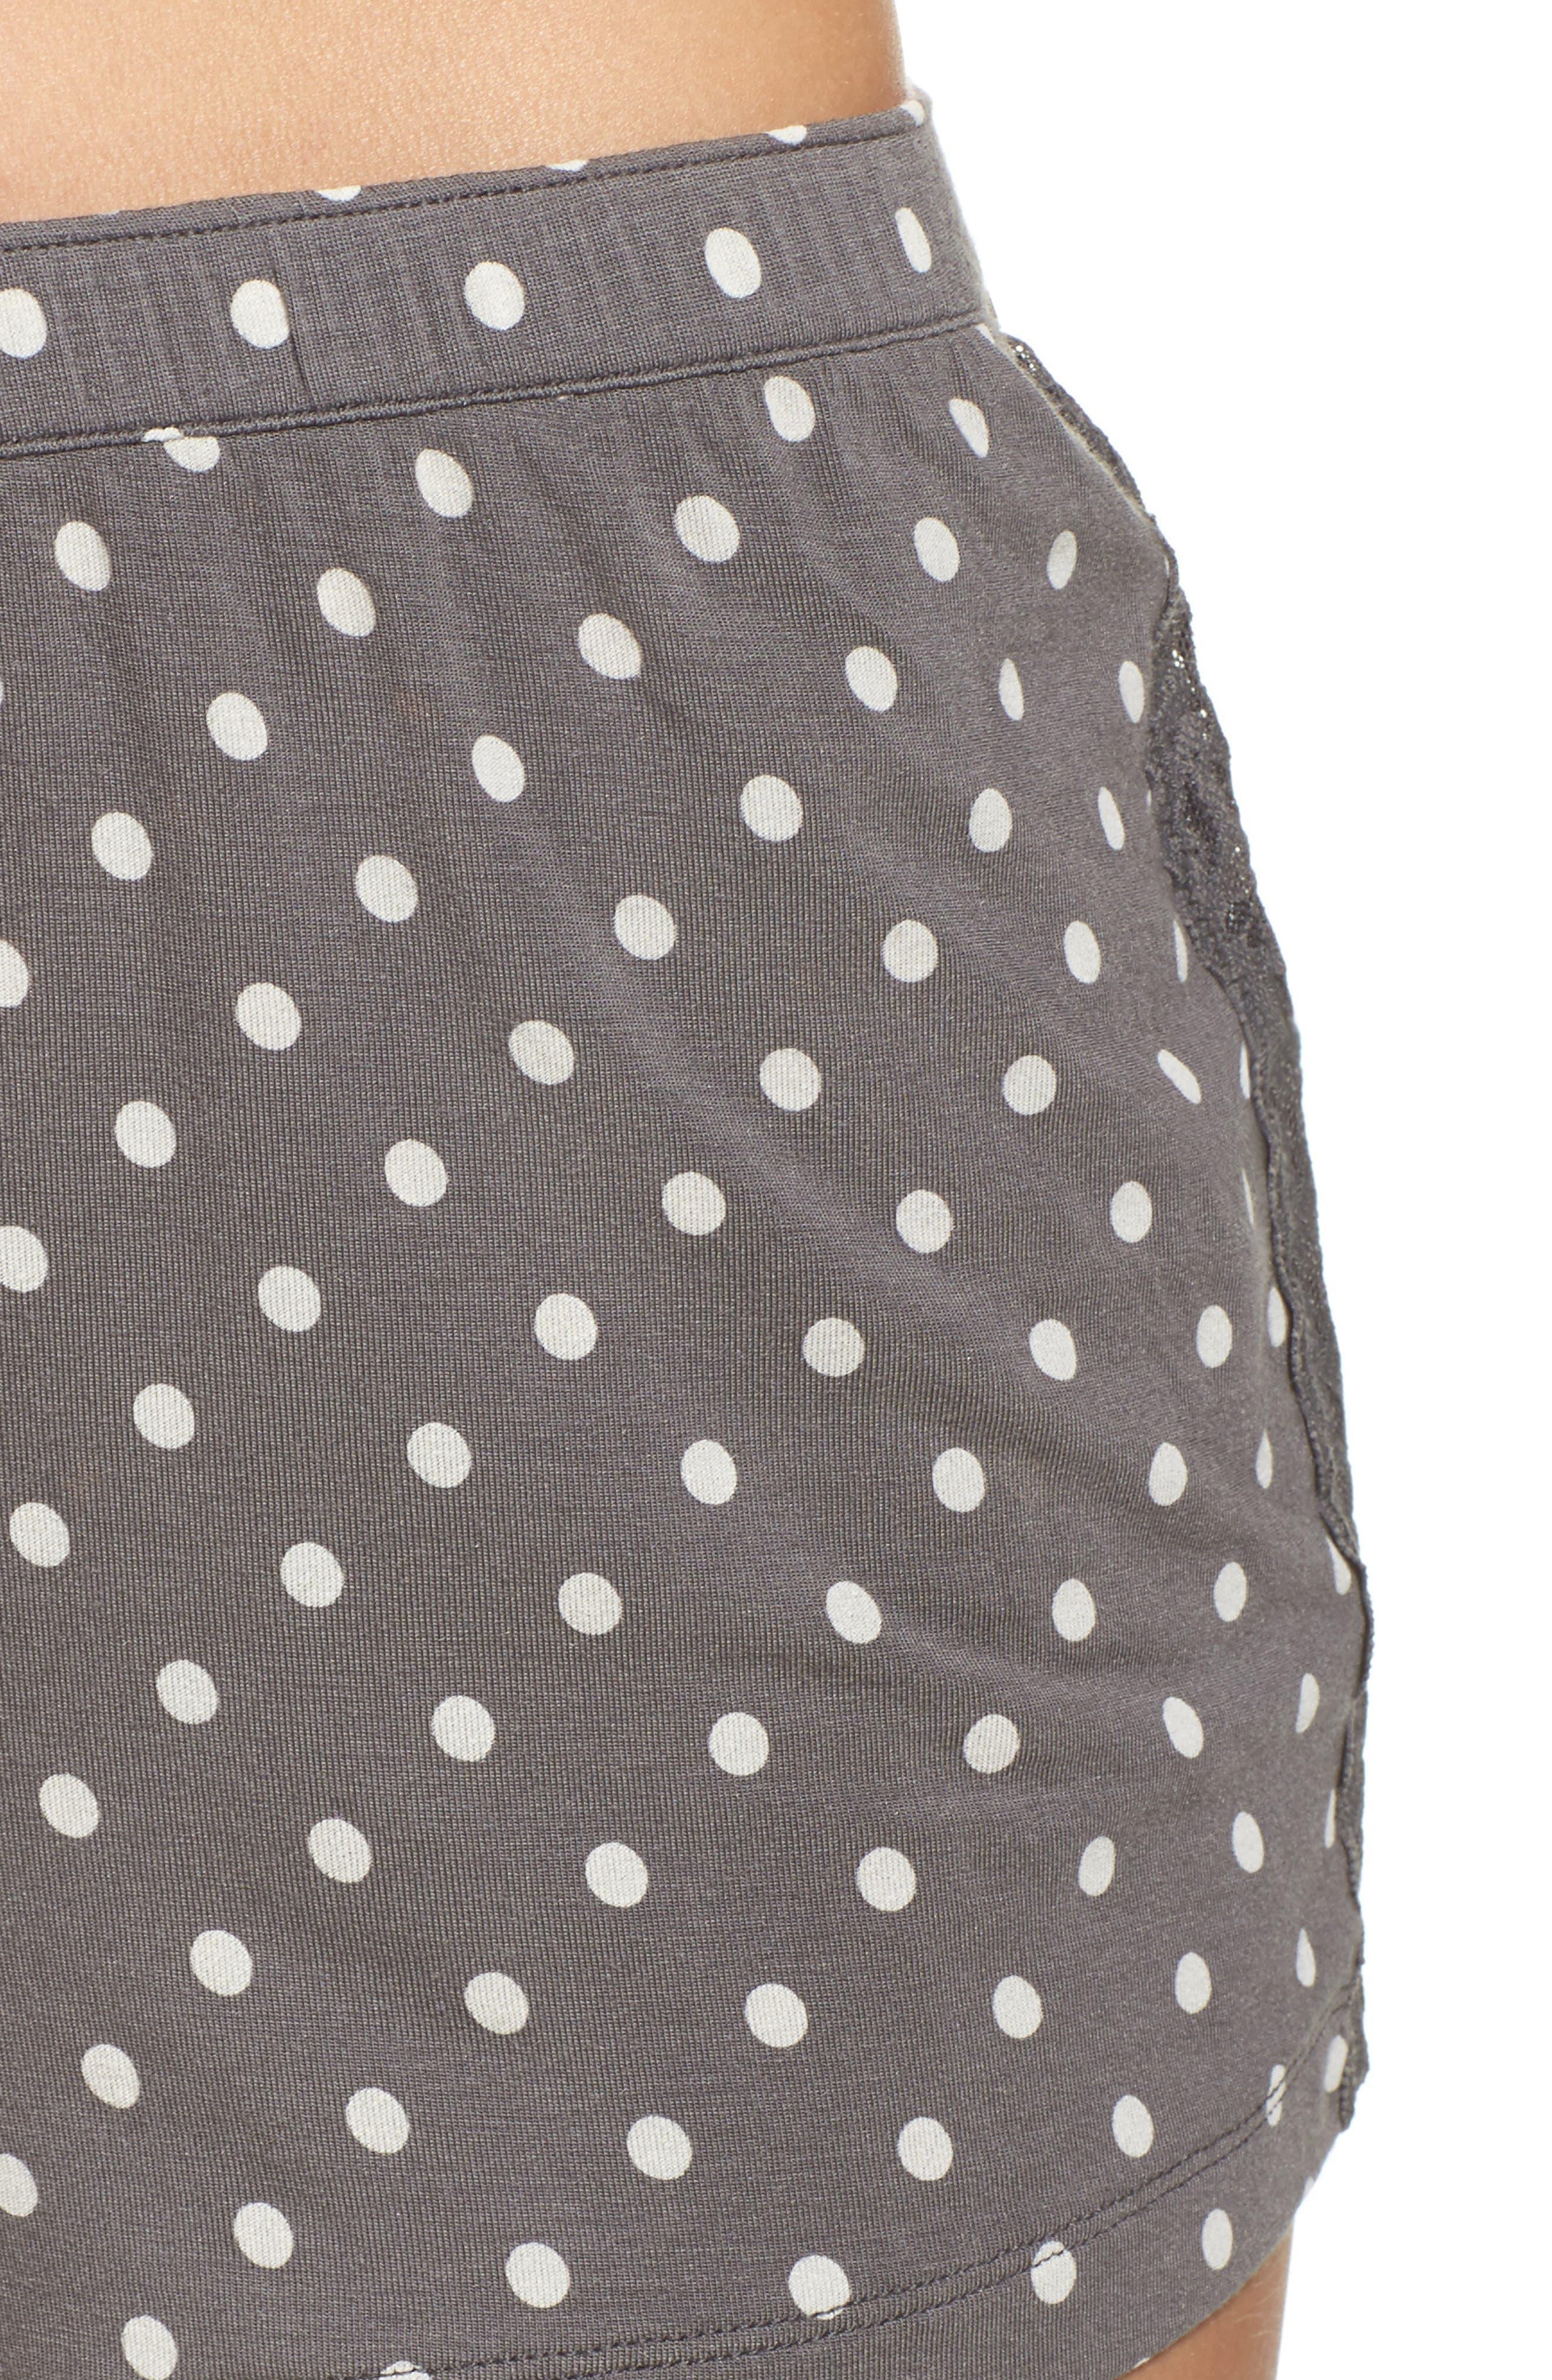 Shorts,                             Alternate thumbnail 4, color,                             020